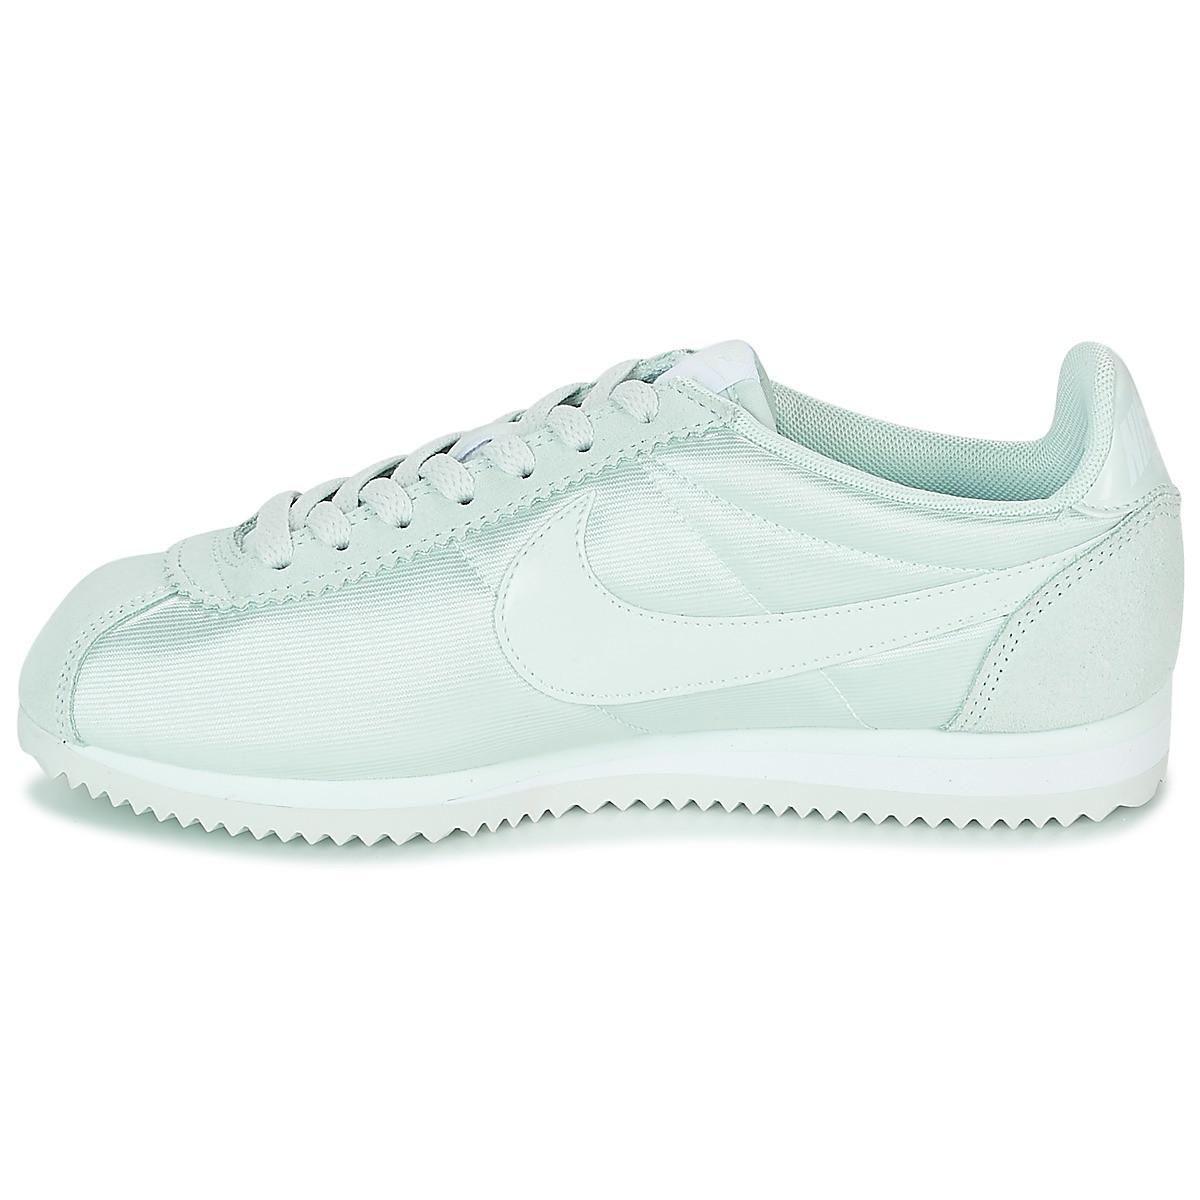 buy online c6813 8fe64 Basket Nike Classic Cortez Nylon - Ref. 749864-008